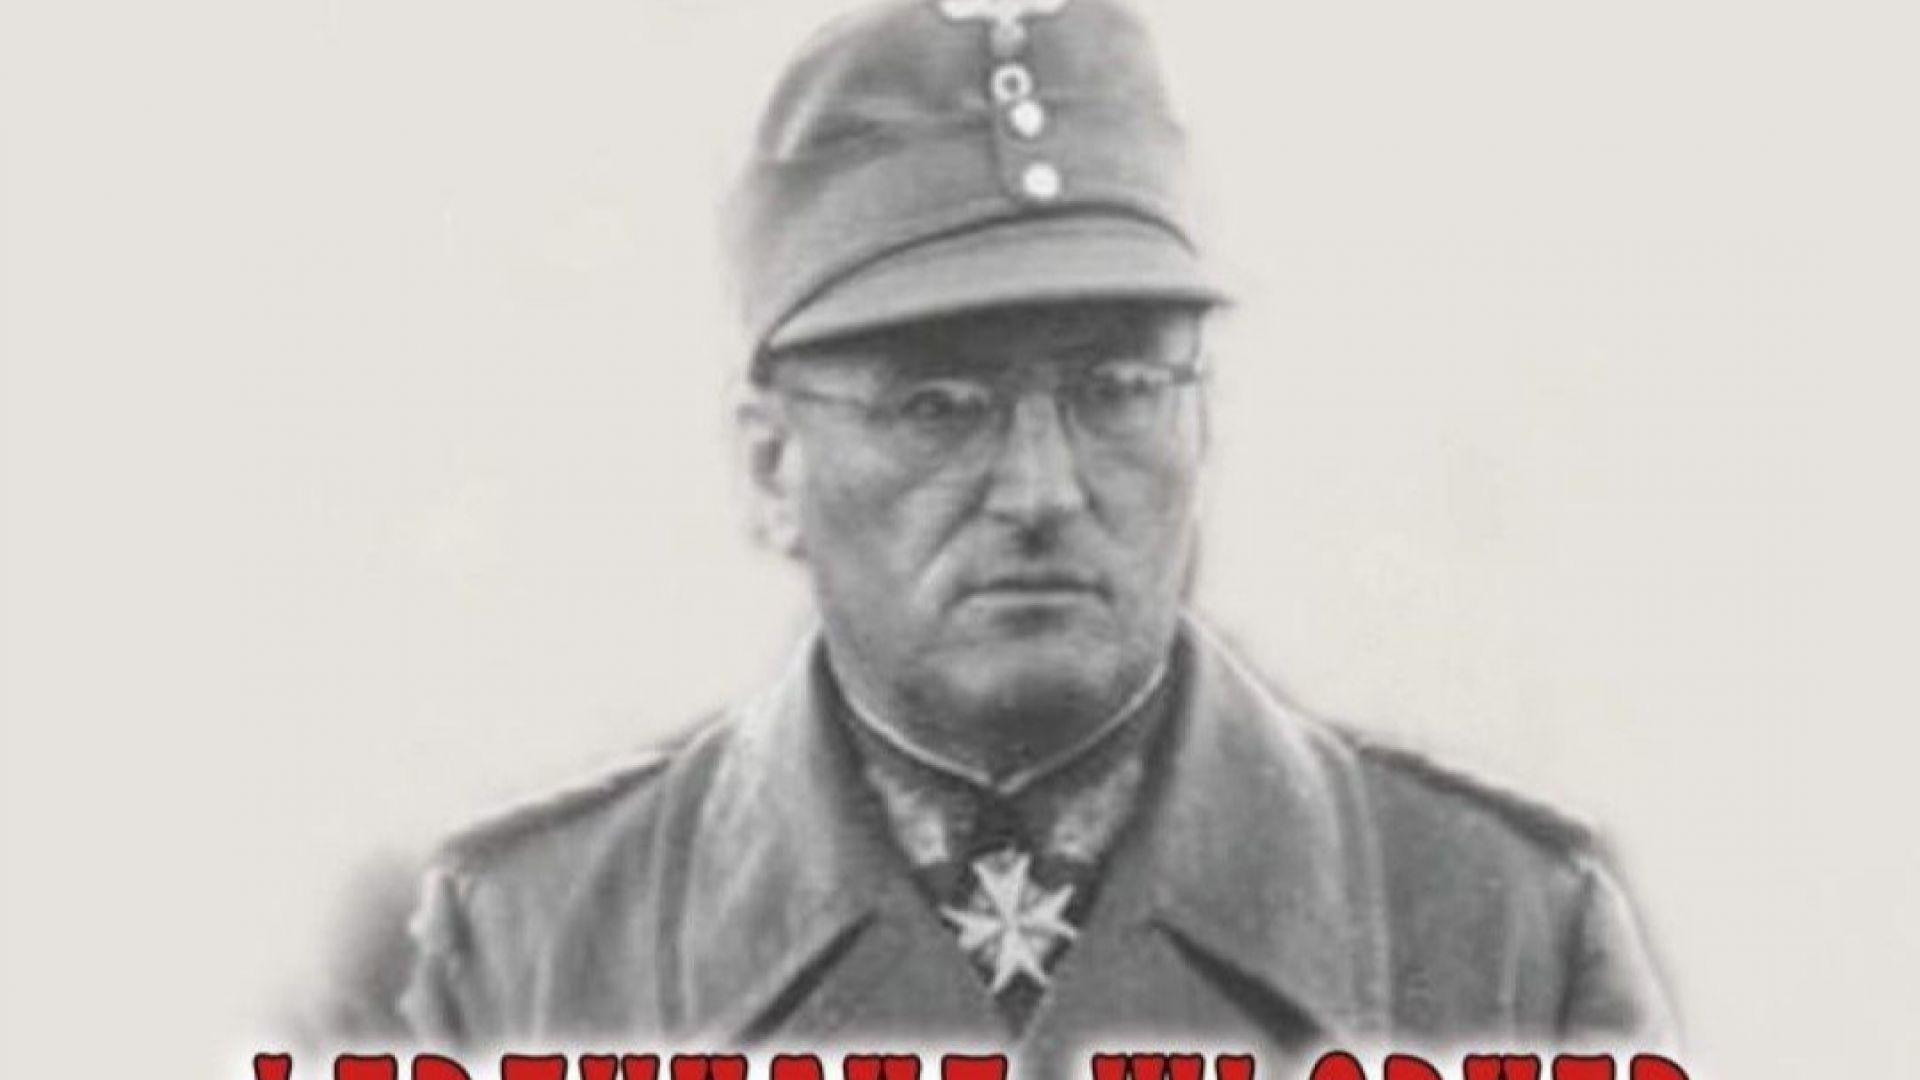 Скандал в Кюстендил - читалище  разлепи плакати с нацистки генерал, обявявайки го за герой